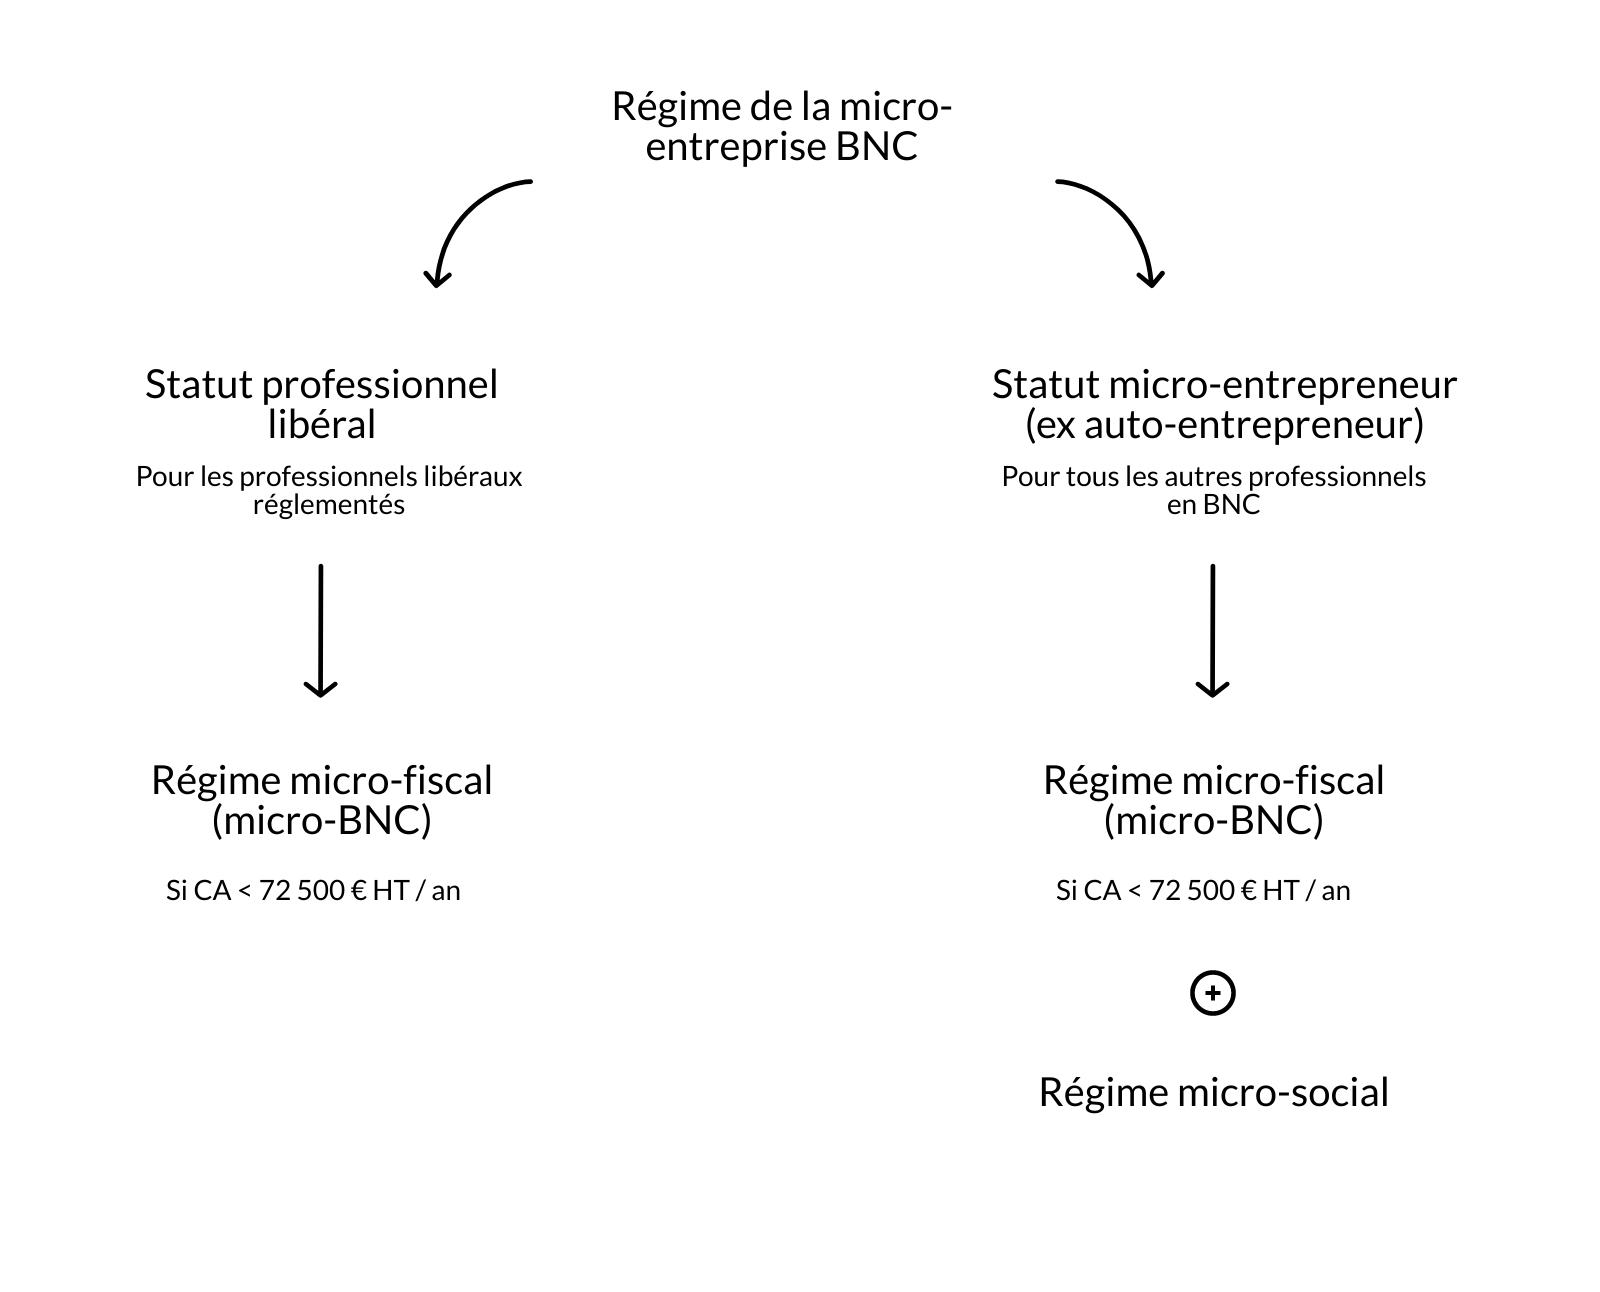 Schéma de la différence entre régime micro-BNC et statut de la micro-entreprise